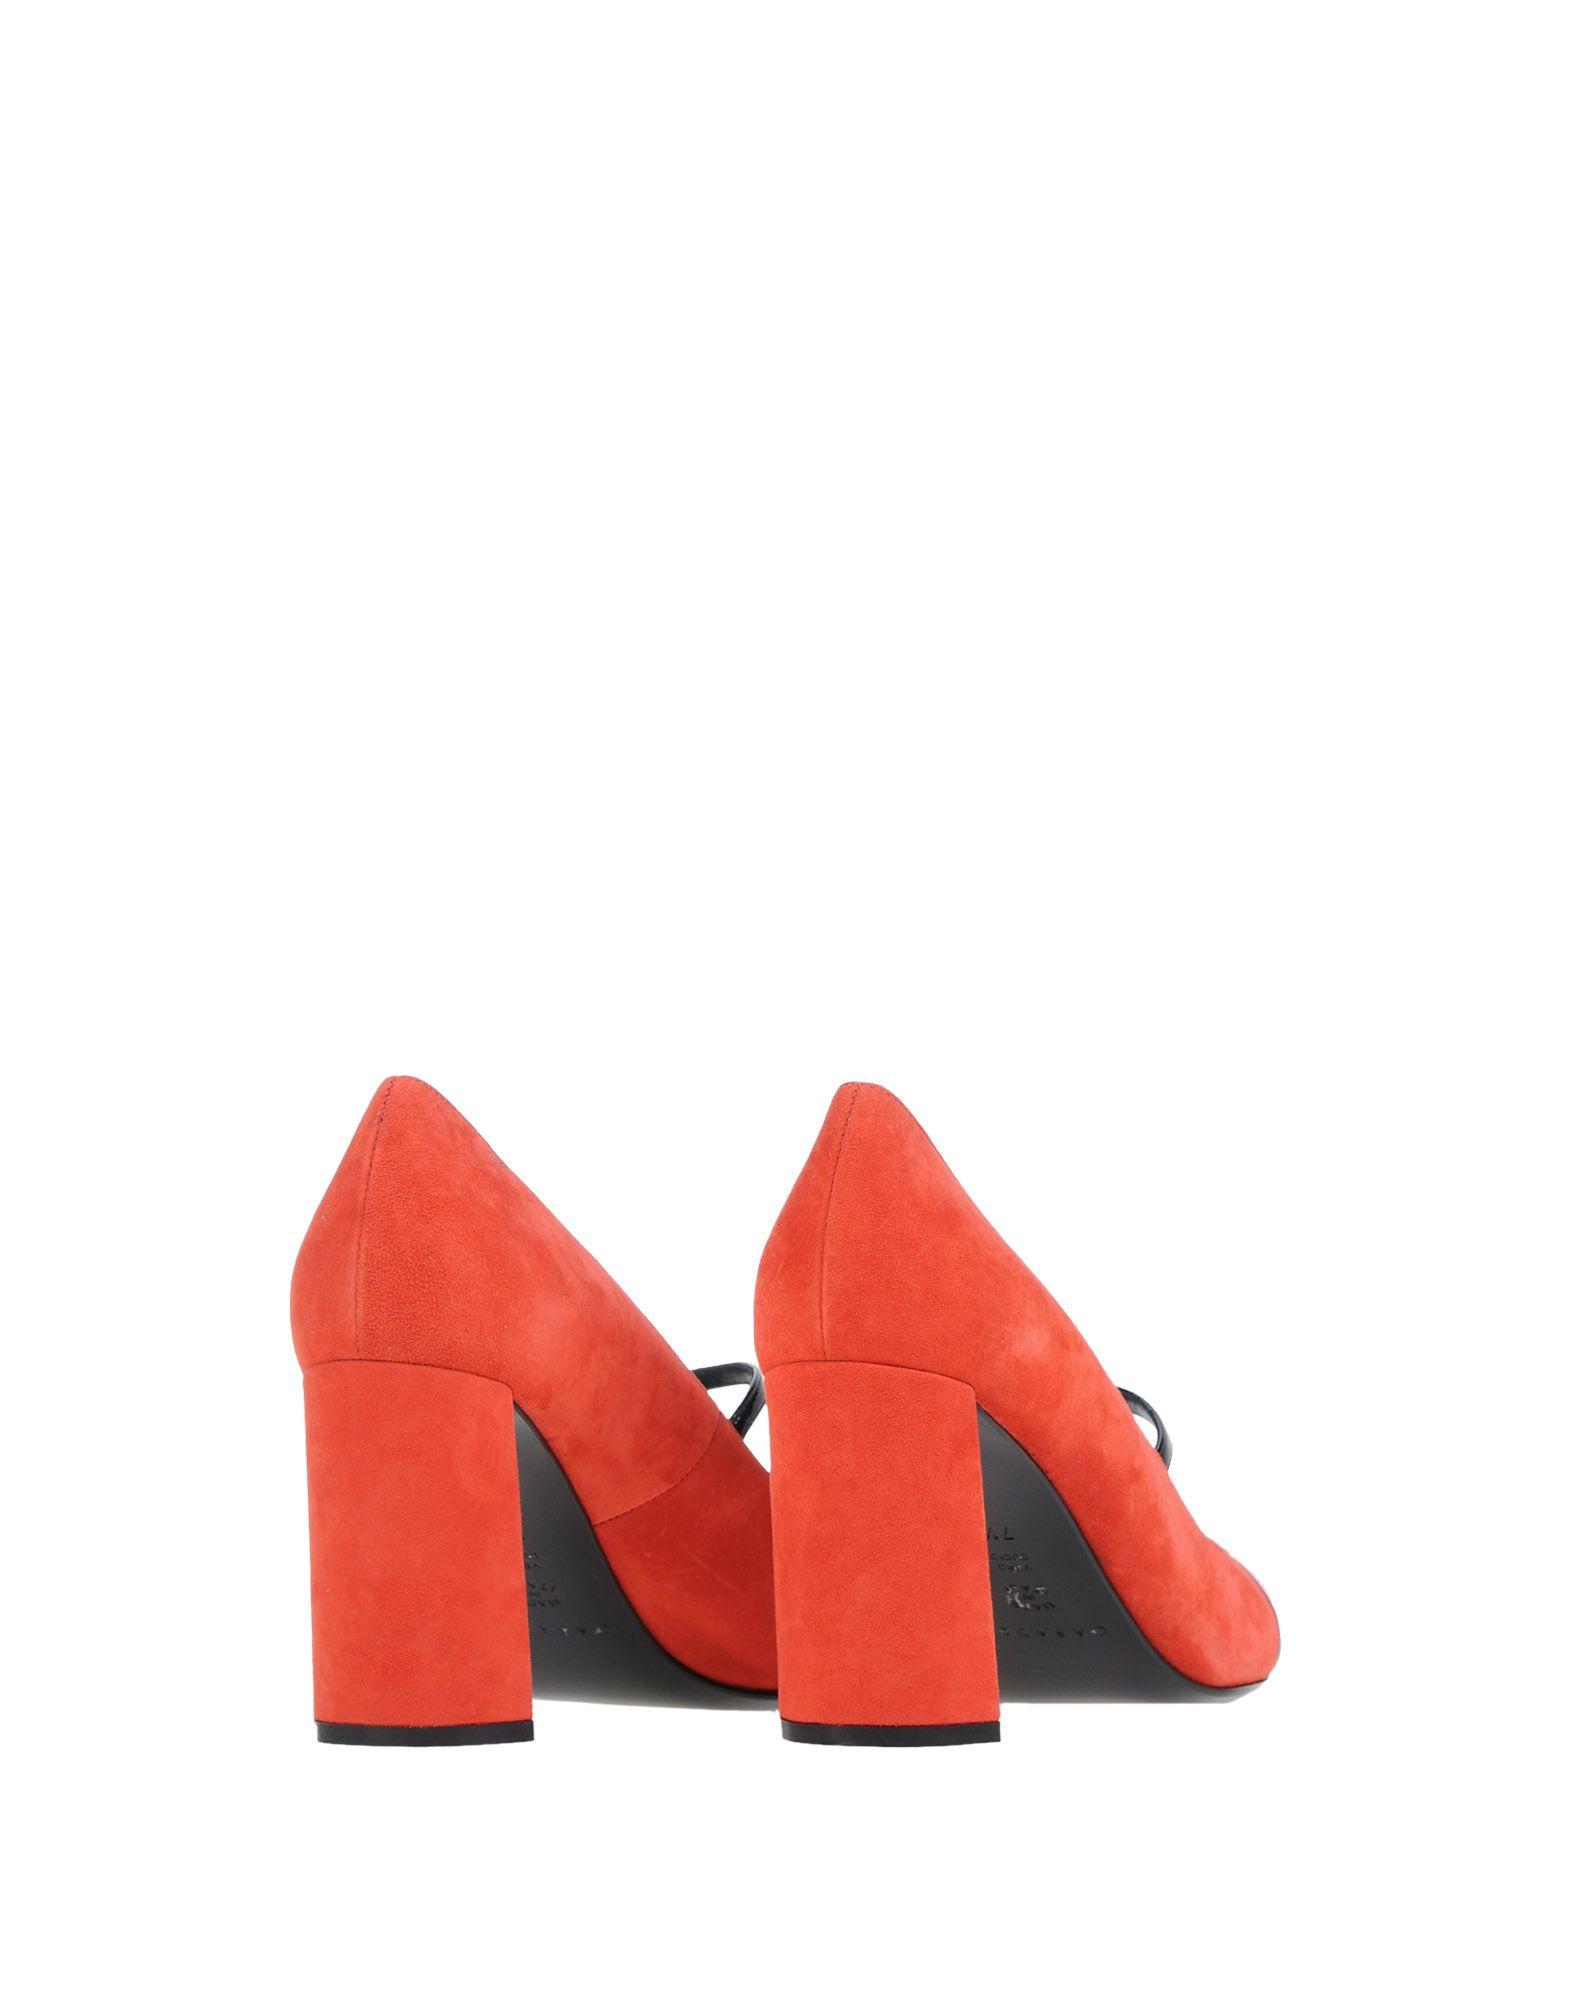 Casadei Casadei  Pumps Damen  11090727HN Heiße Schuhe 3d5c63